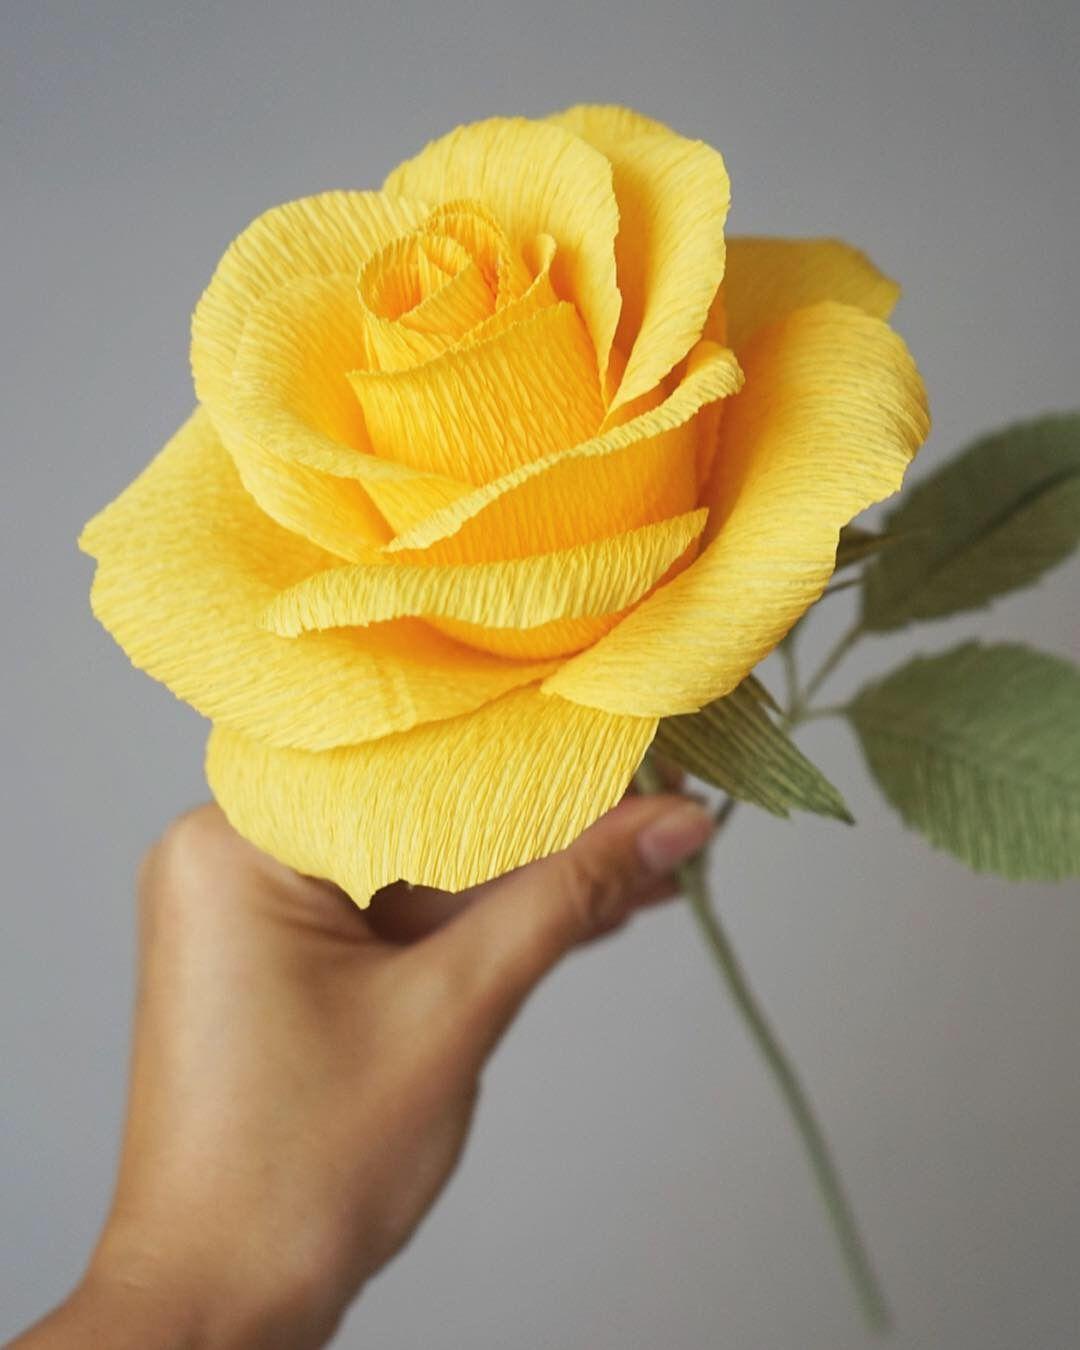 Надписью февраль, роза из гофробумаги для открытки